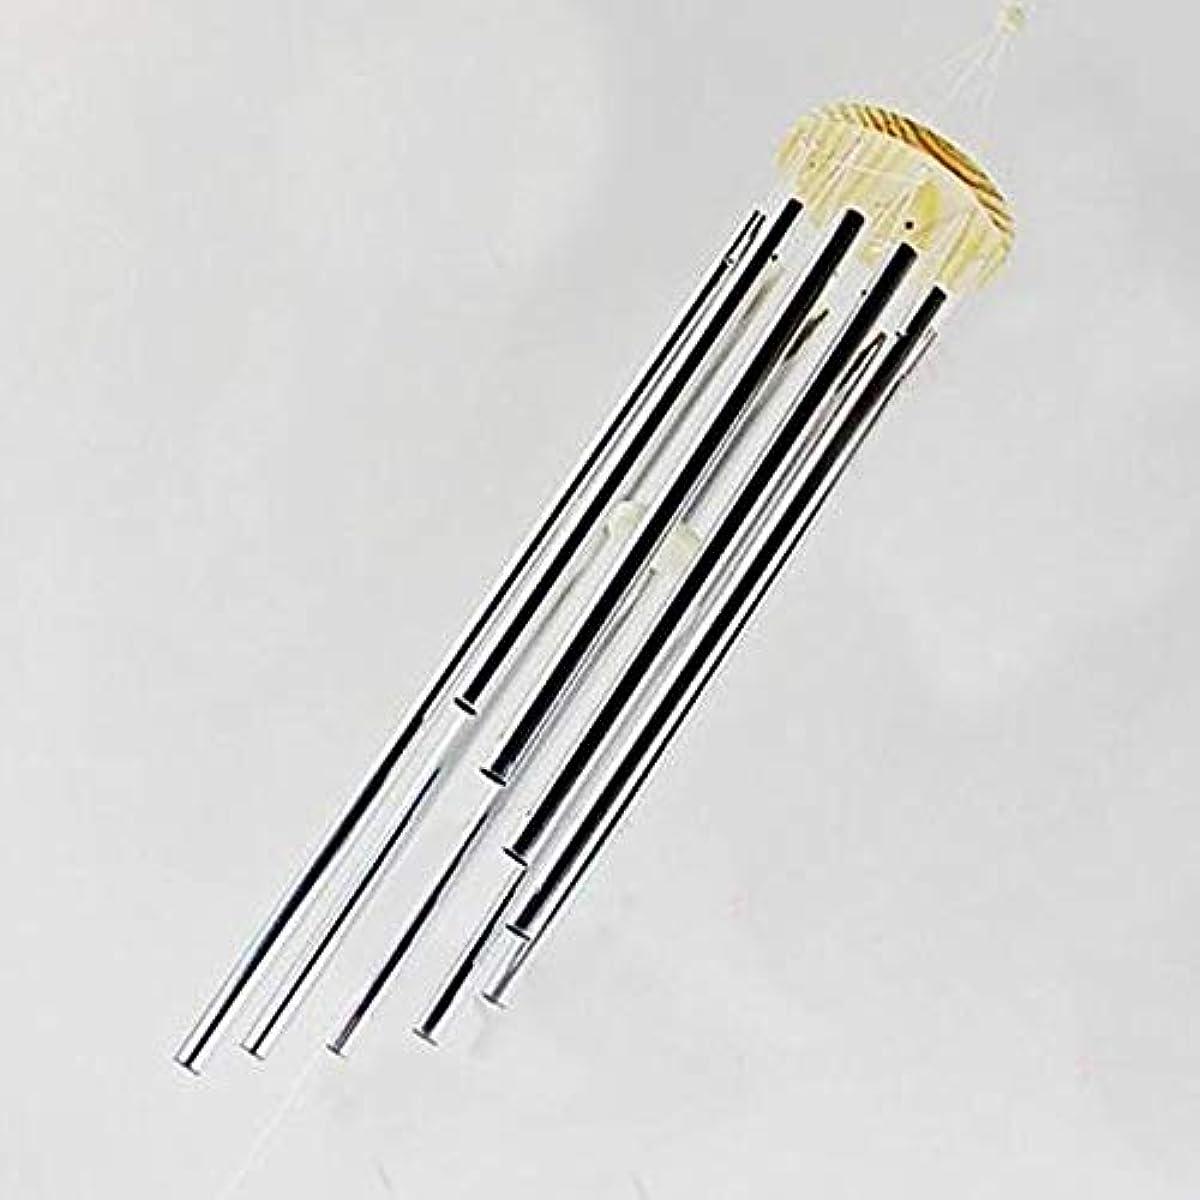 苦情文句ランダム木製Chengjinxiang 風チャイム、メタル風チャイム9本のチューブ、シルバー、90CMについて全身をハンギング,クリエイティブギフト